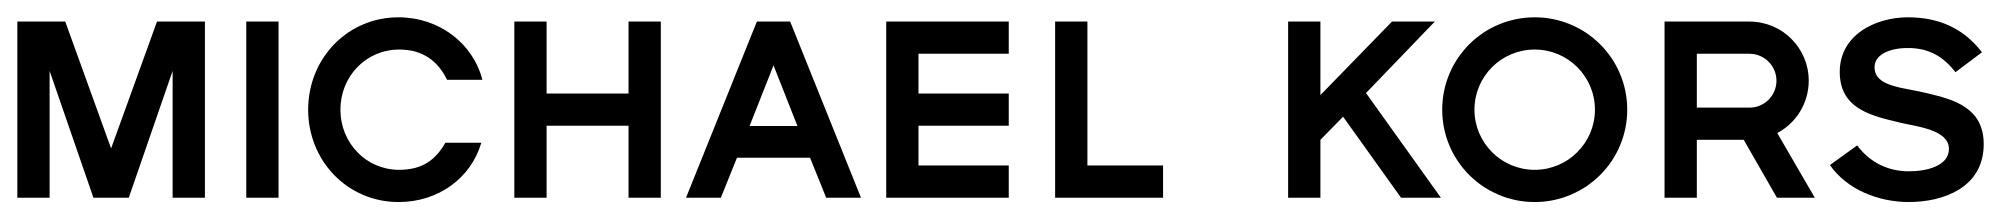 mkors-logo